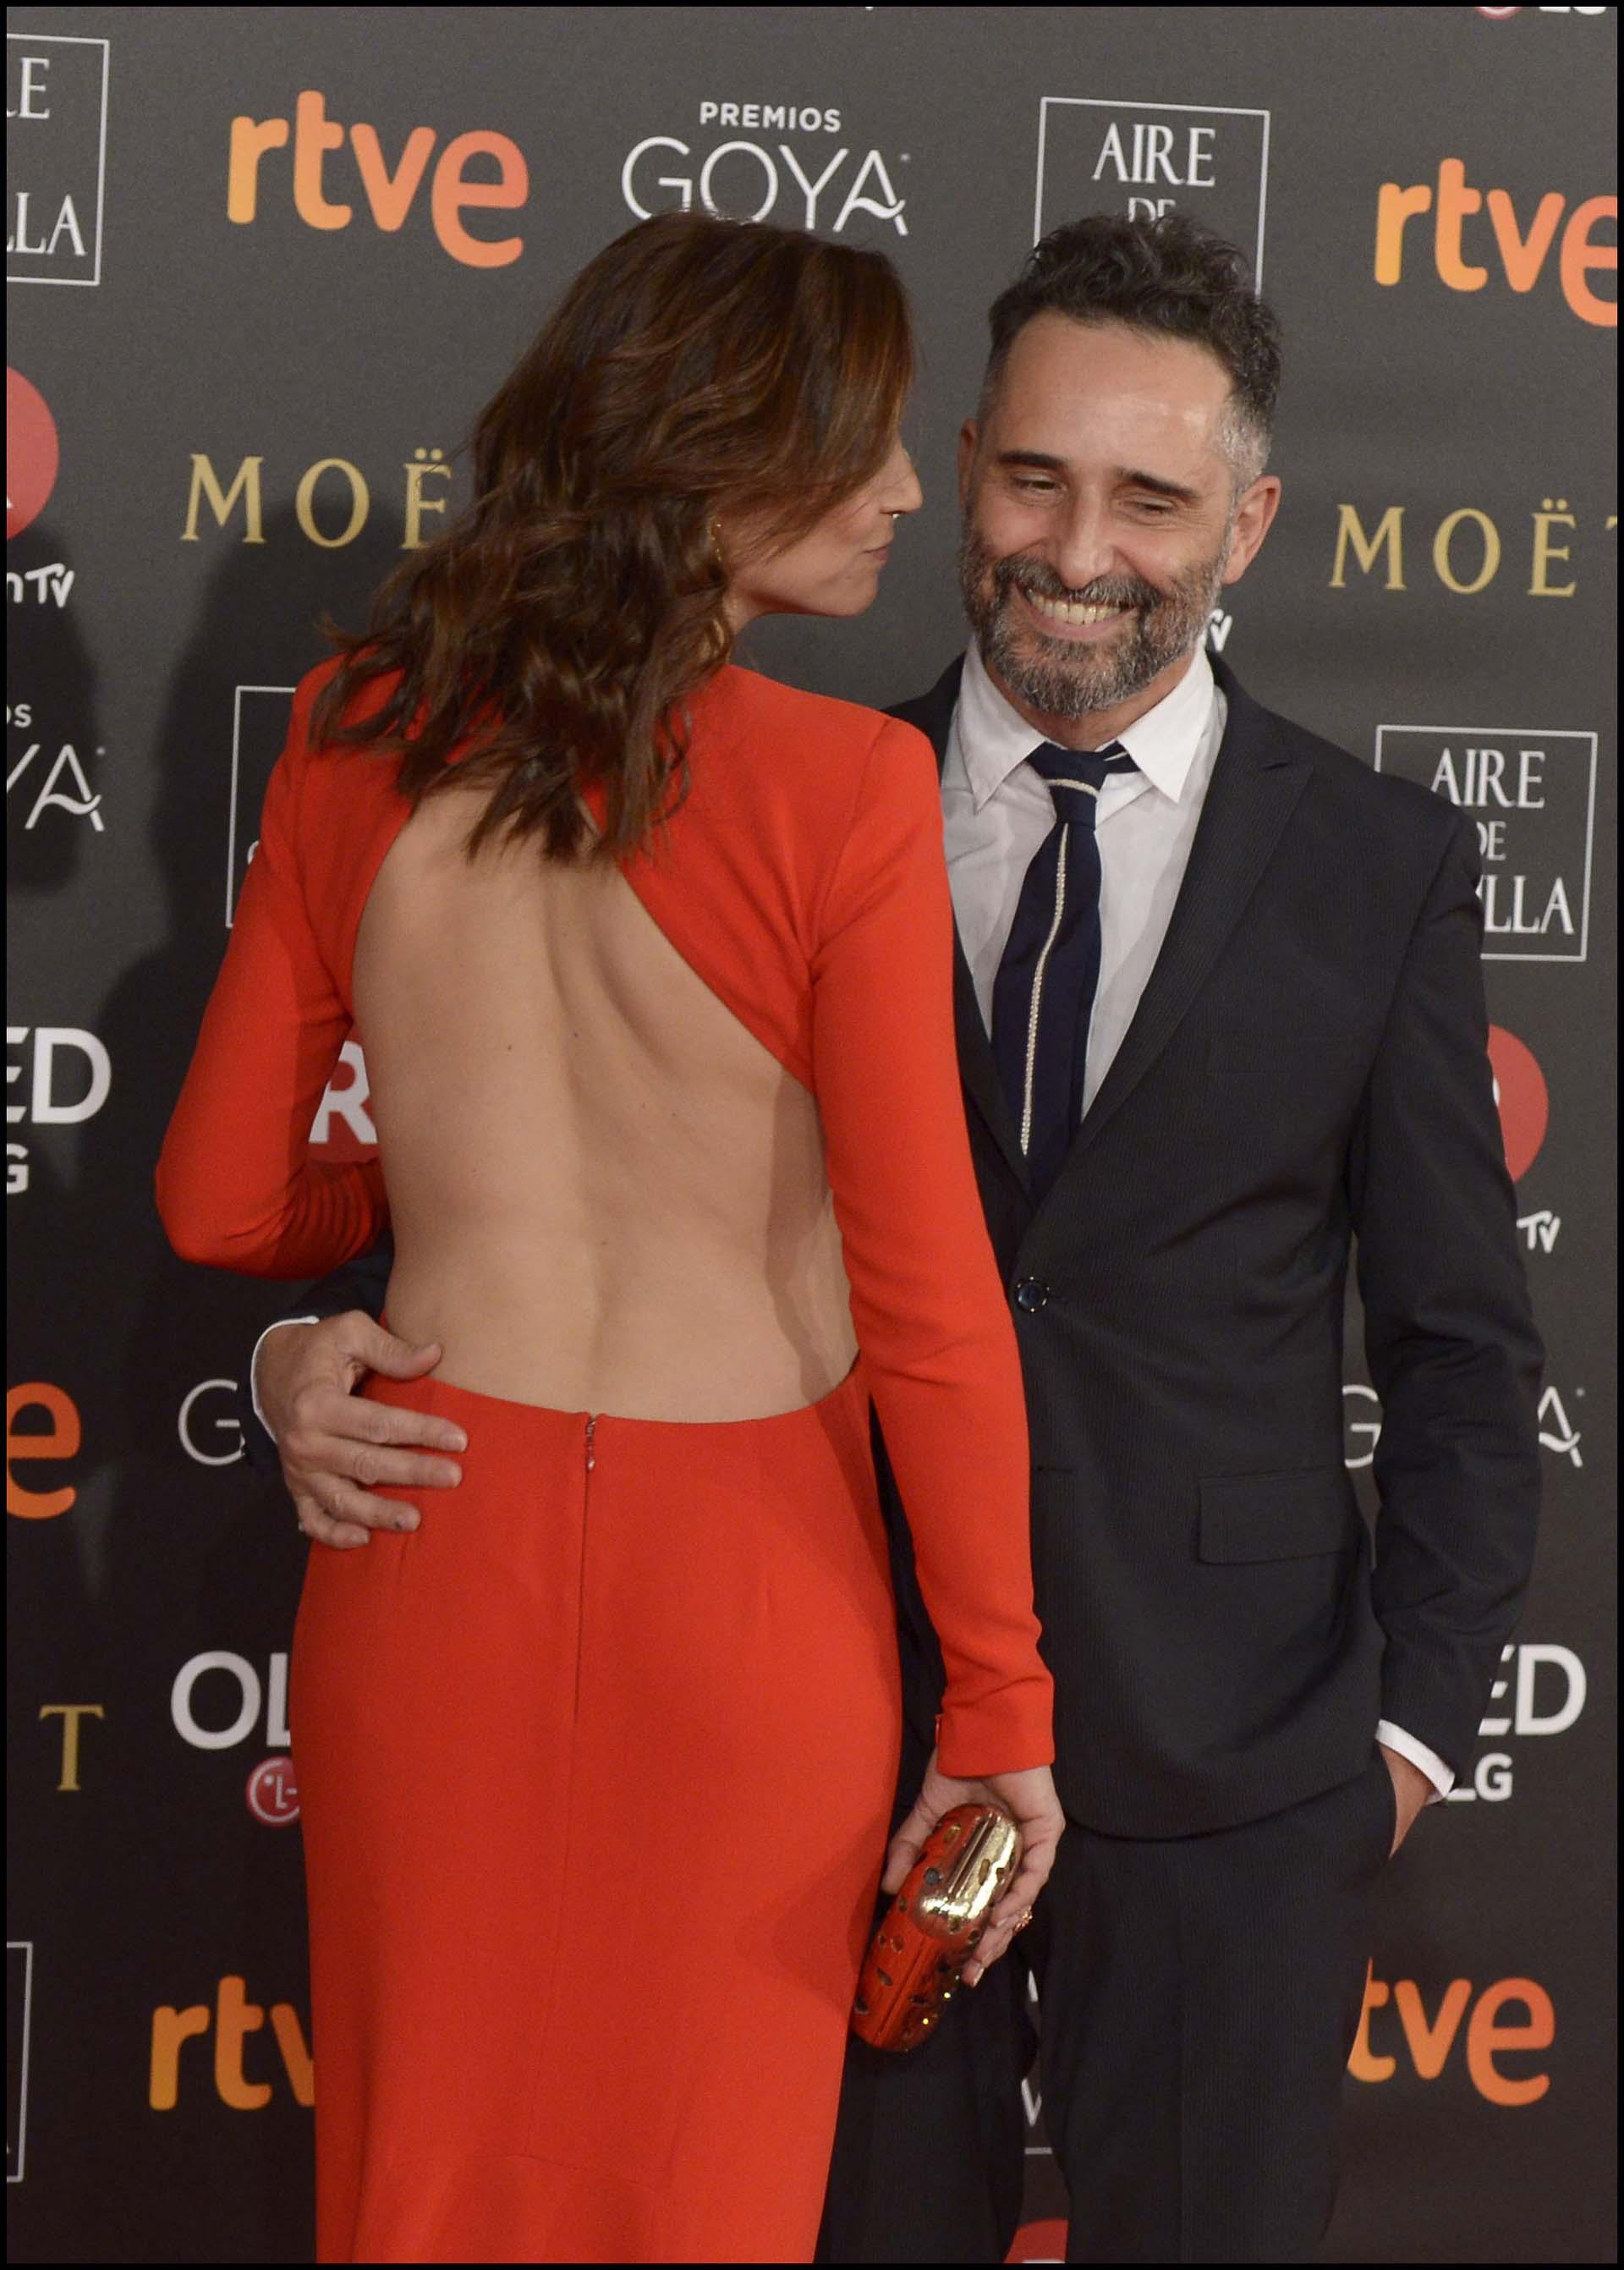 Leonor luciendo su espalda junto a Jorge Drexler